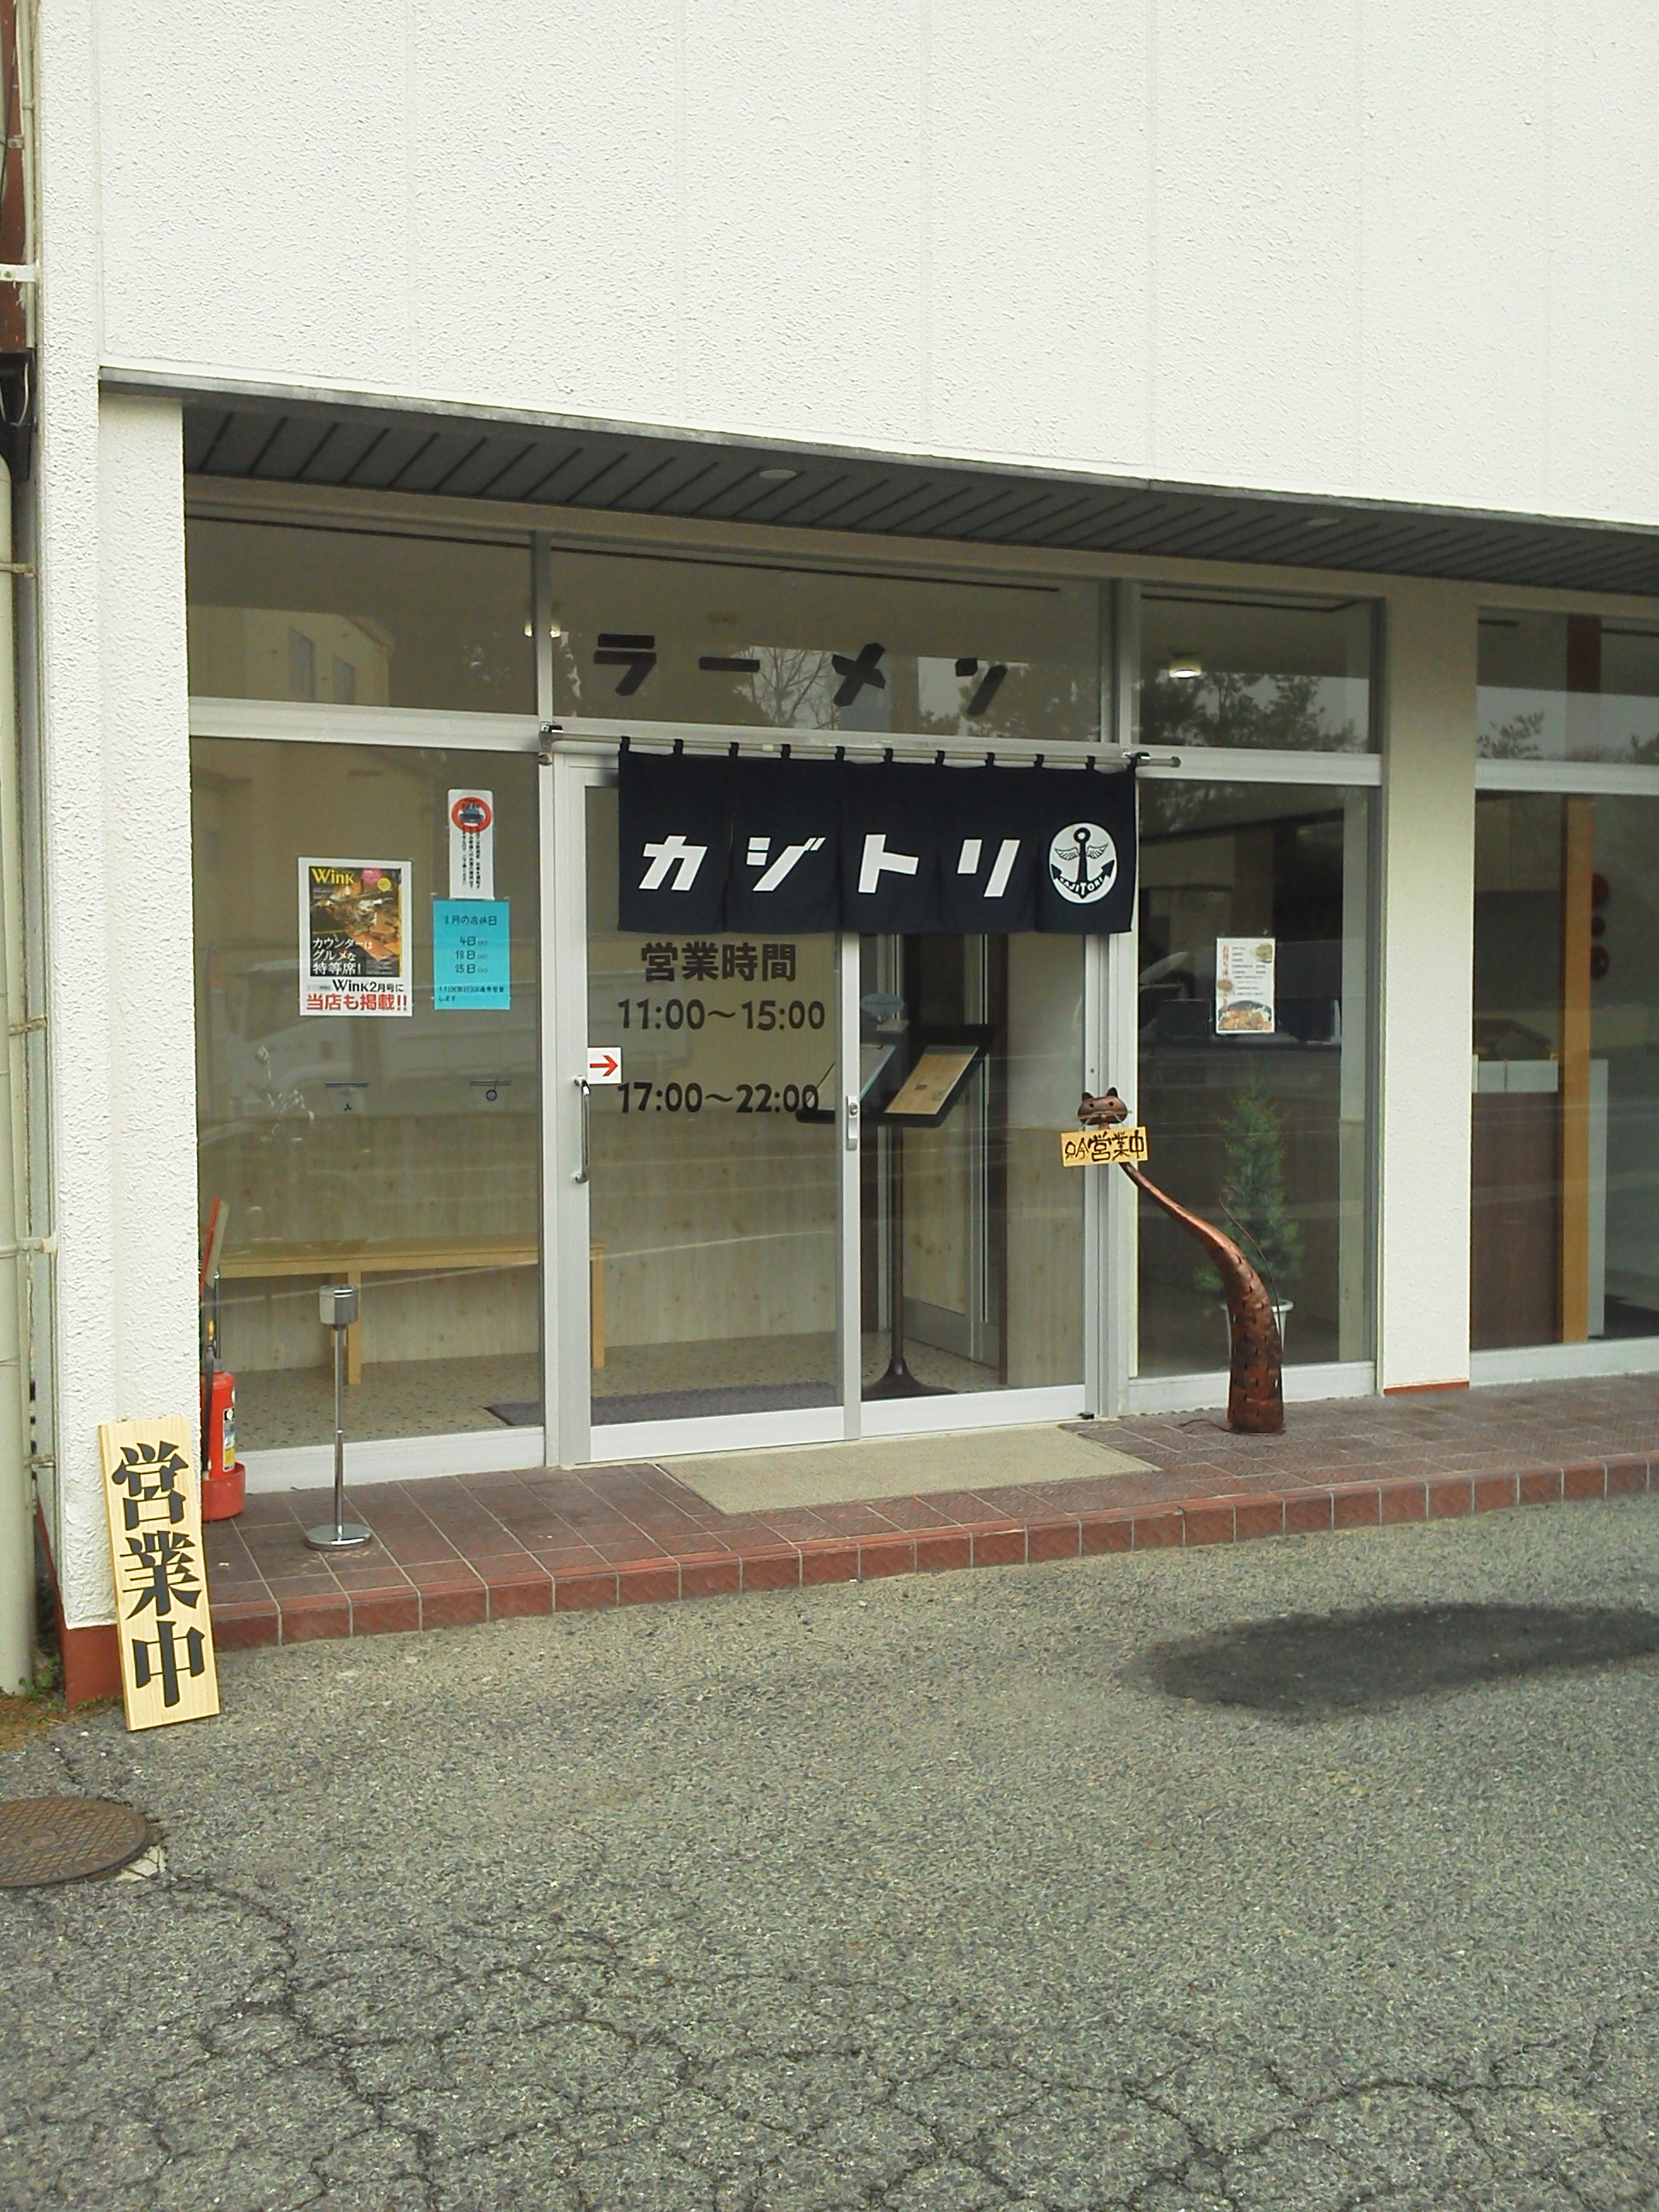 カジトリラーメンお店